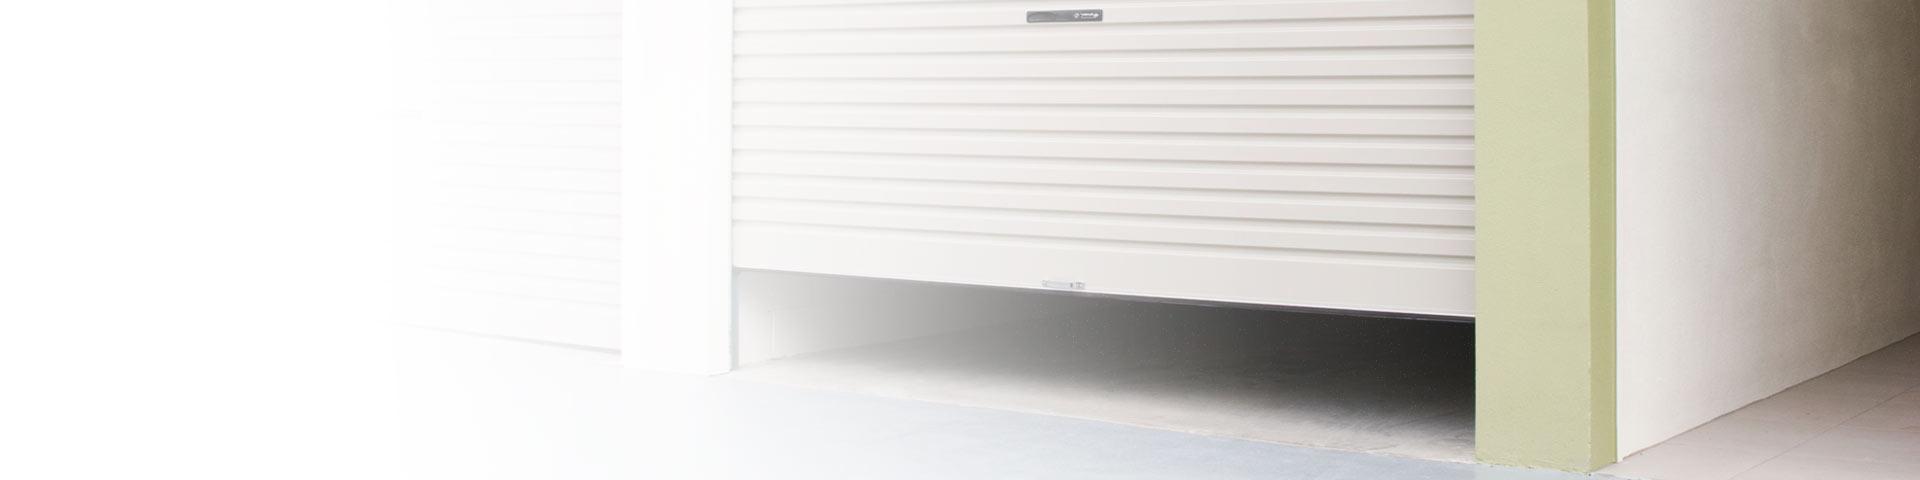 ЧОП СОКОЛ охрана гаража